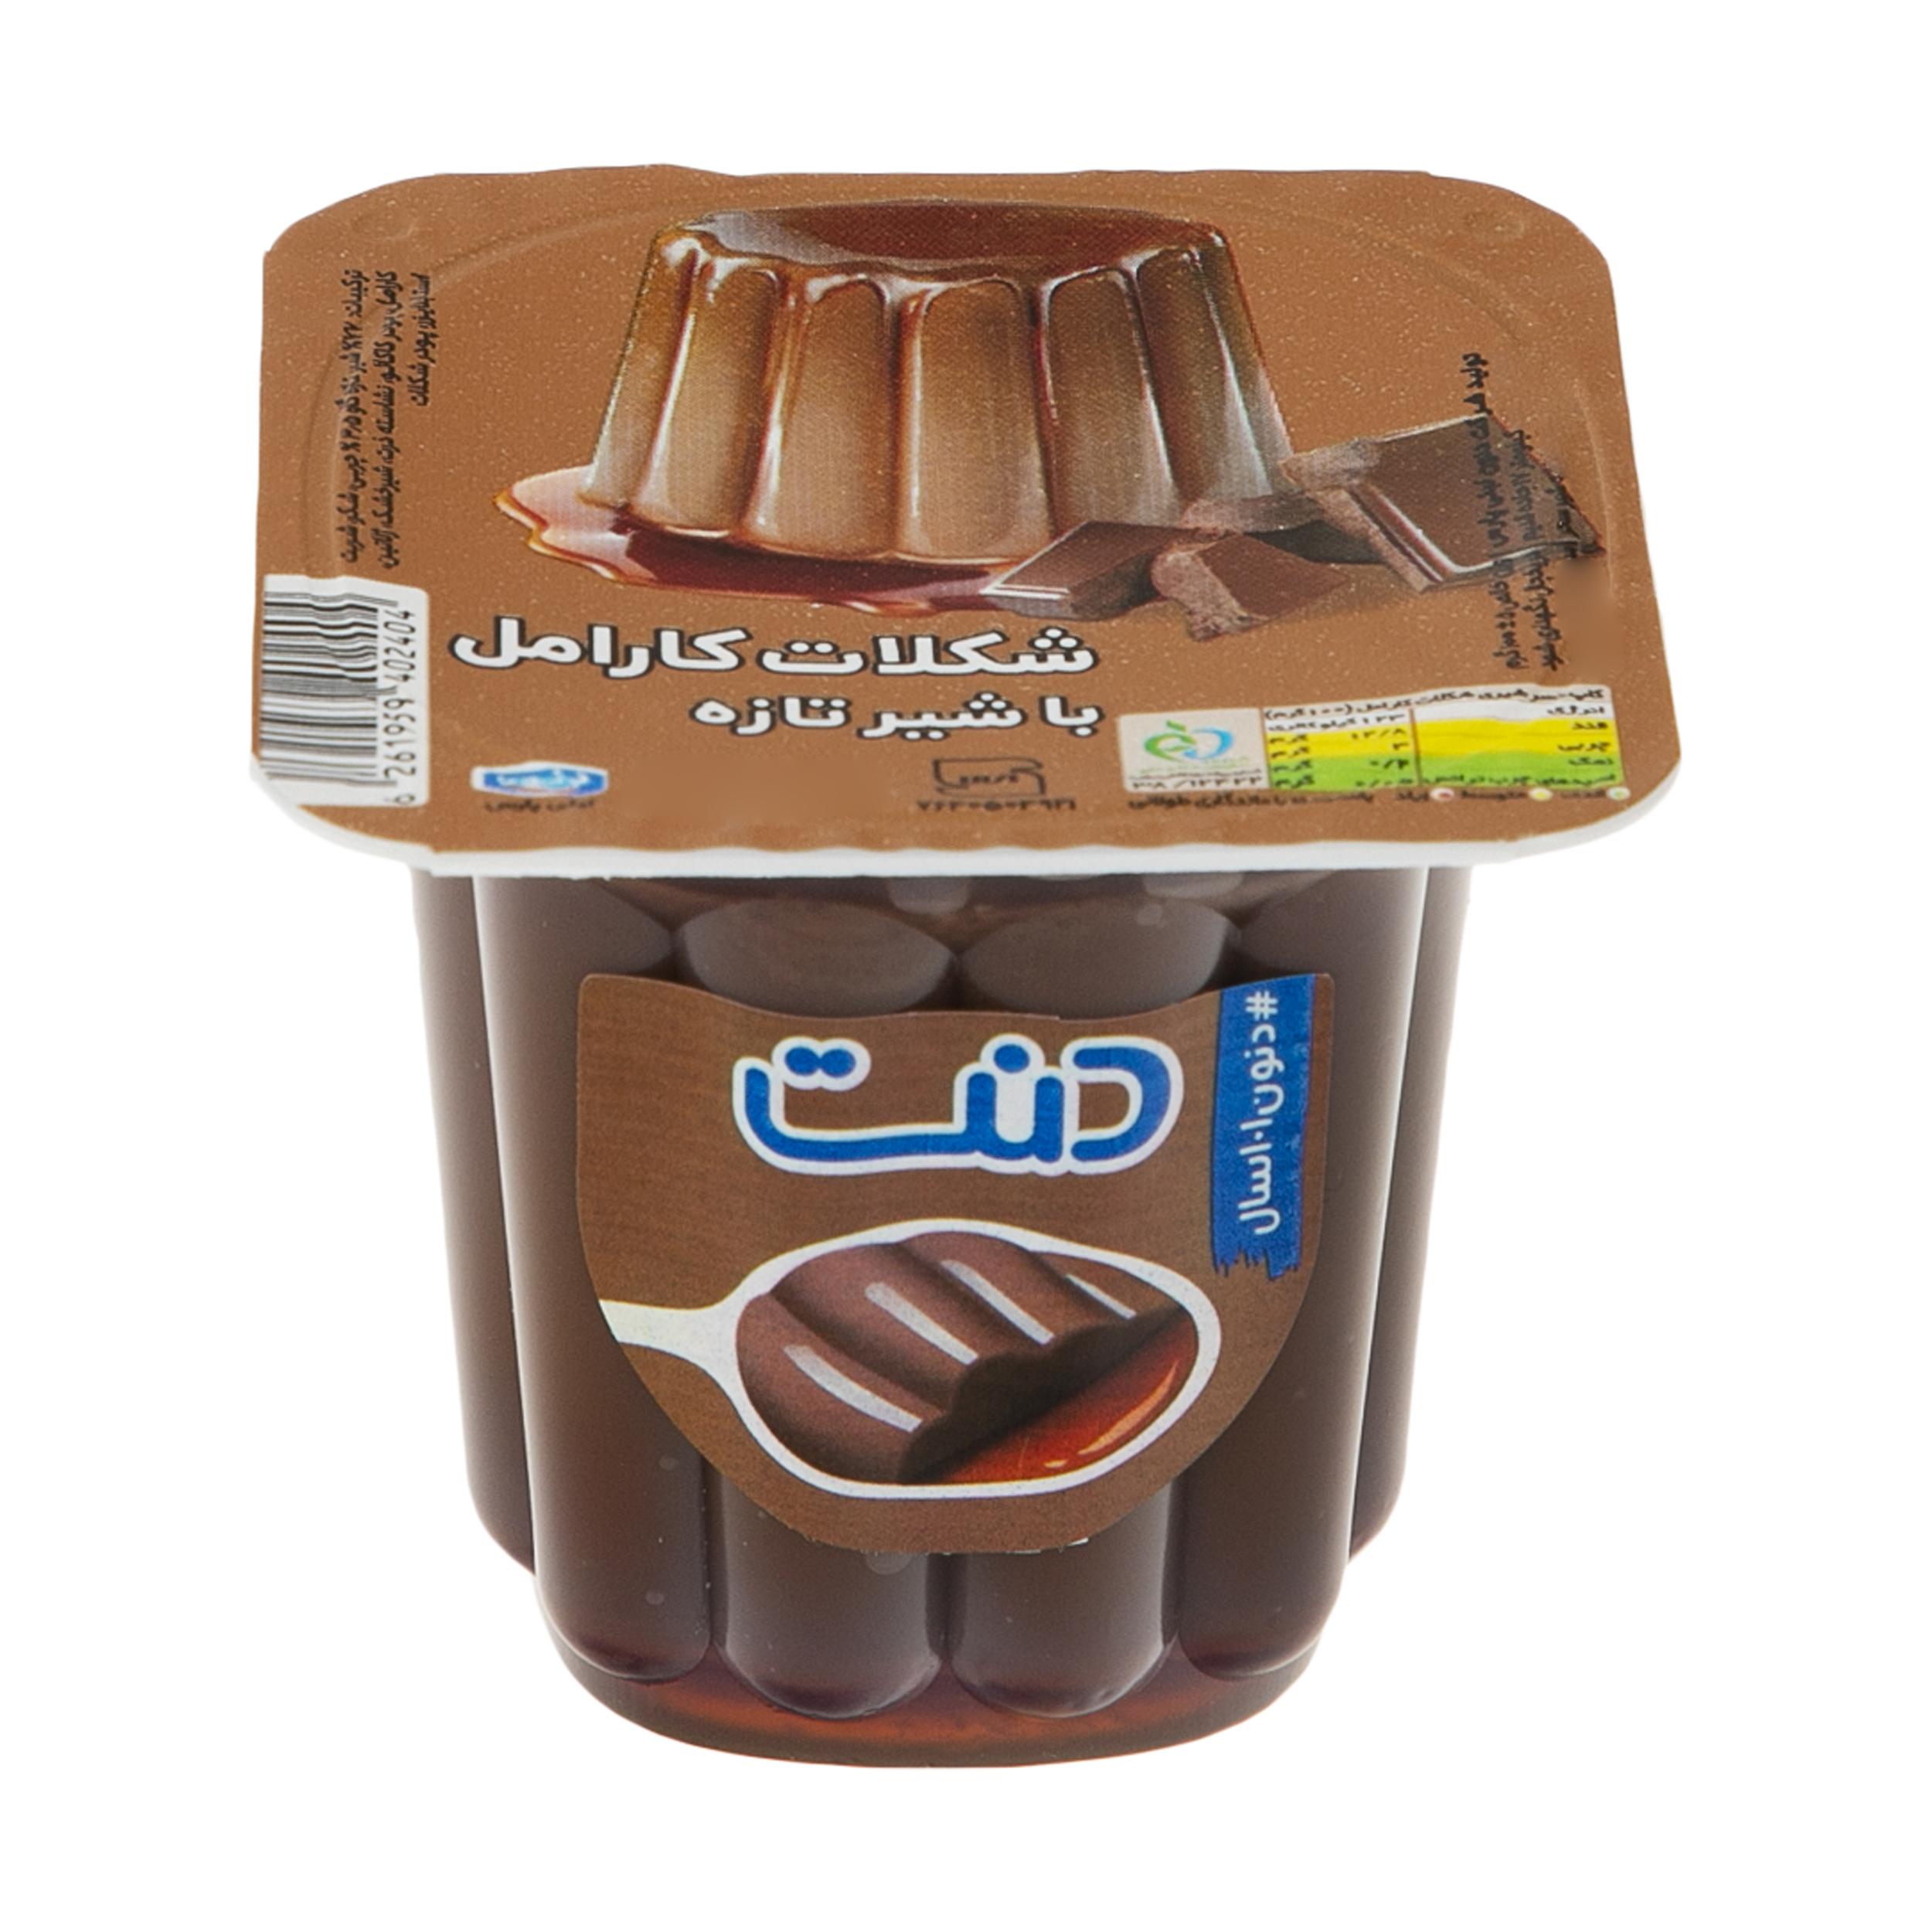 دسر شکلات کاراملی دنت مقدار 100 گرم